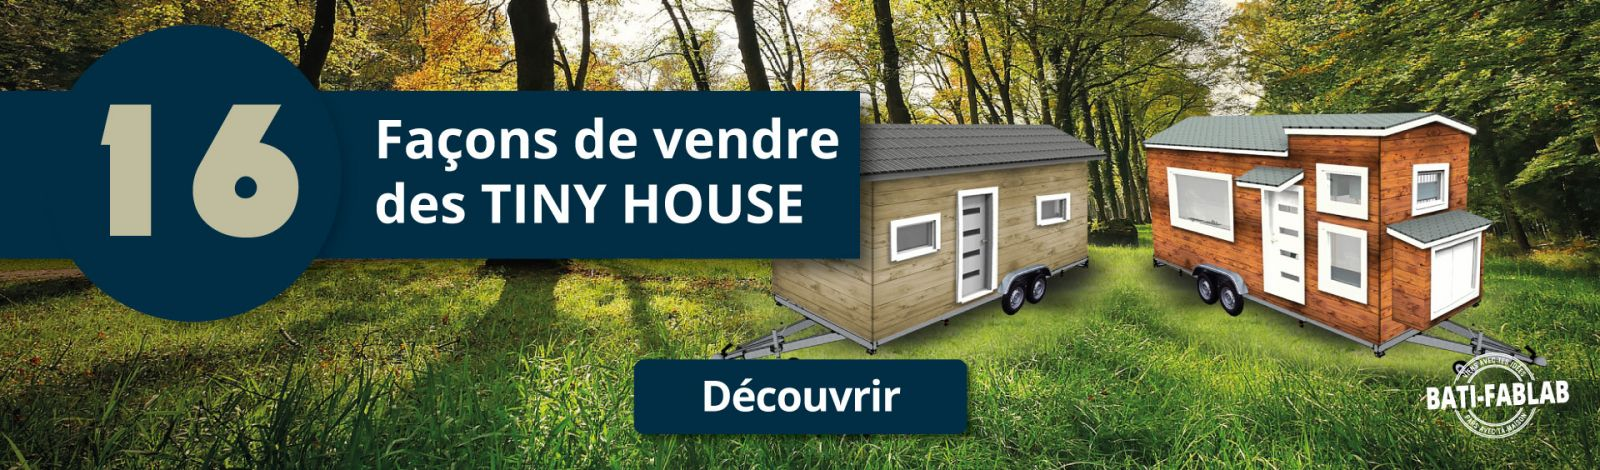 16 façons de vendre des TINY HOUSE